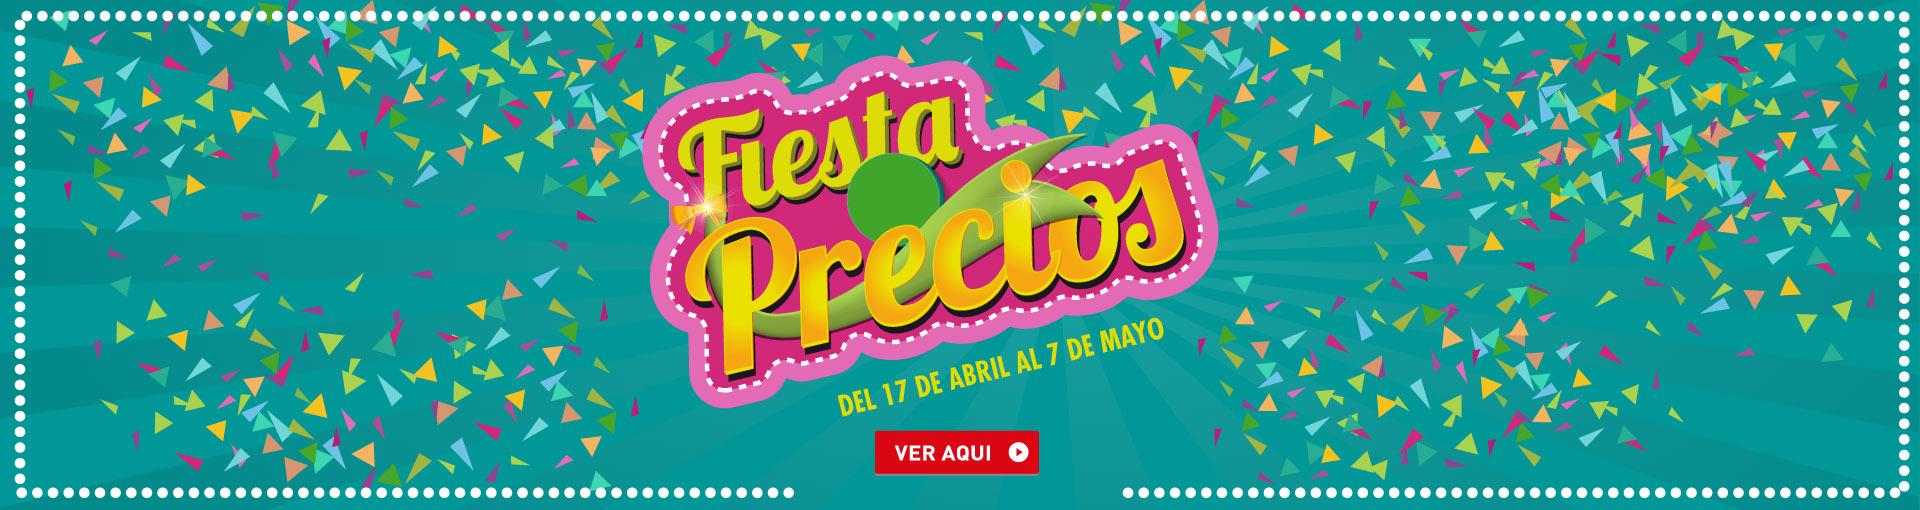 h-de-fiesta-2017-1920x510